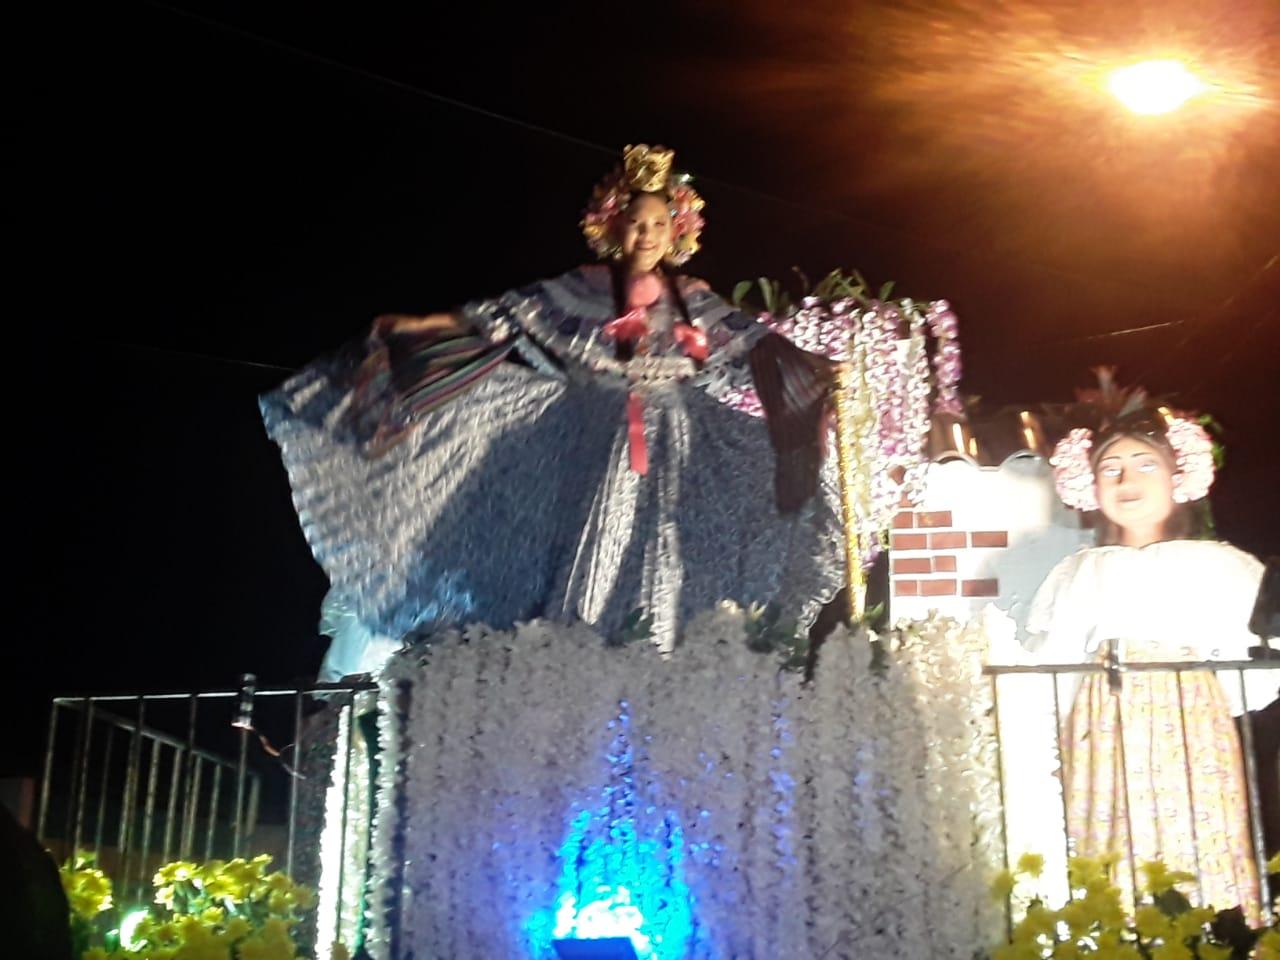 La festividad también sirvió como preámbulo a las festividades del 10 de noviembre, donde gran cantidad de personas llegan al lugar para celebrar el grito de independencia de La Villa. Foto/Thays Domínguez